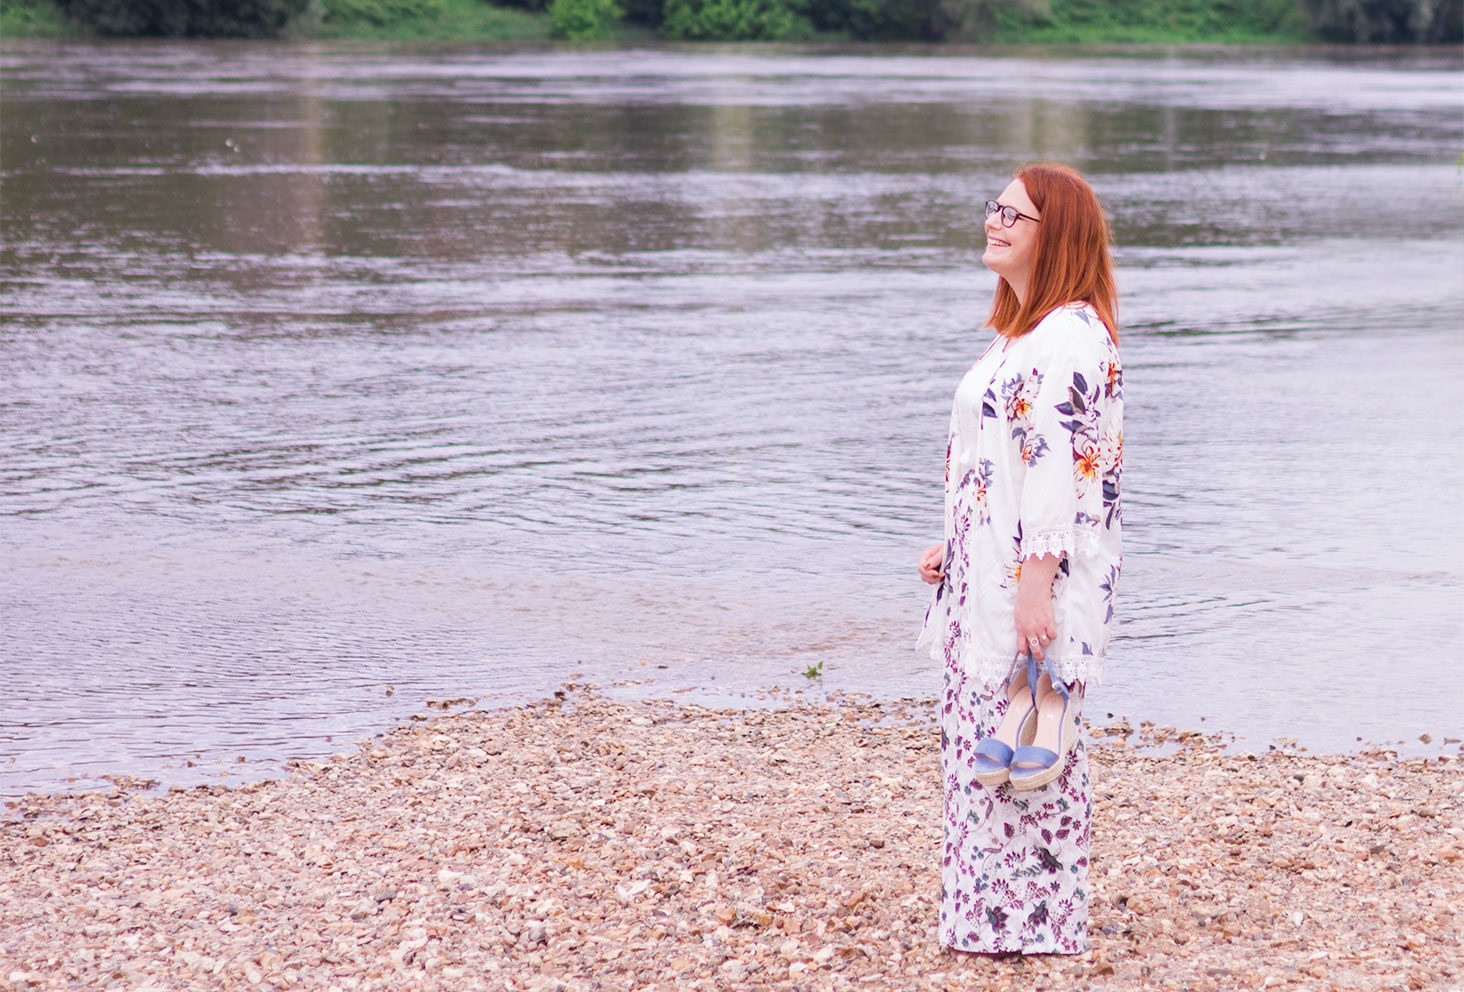 Sur la plage dans le sable des bords de Loire, en kimono et pantalon à fleurs, de profil les chaussures compensées Cendriyon dans la main